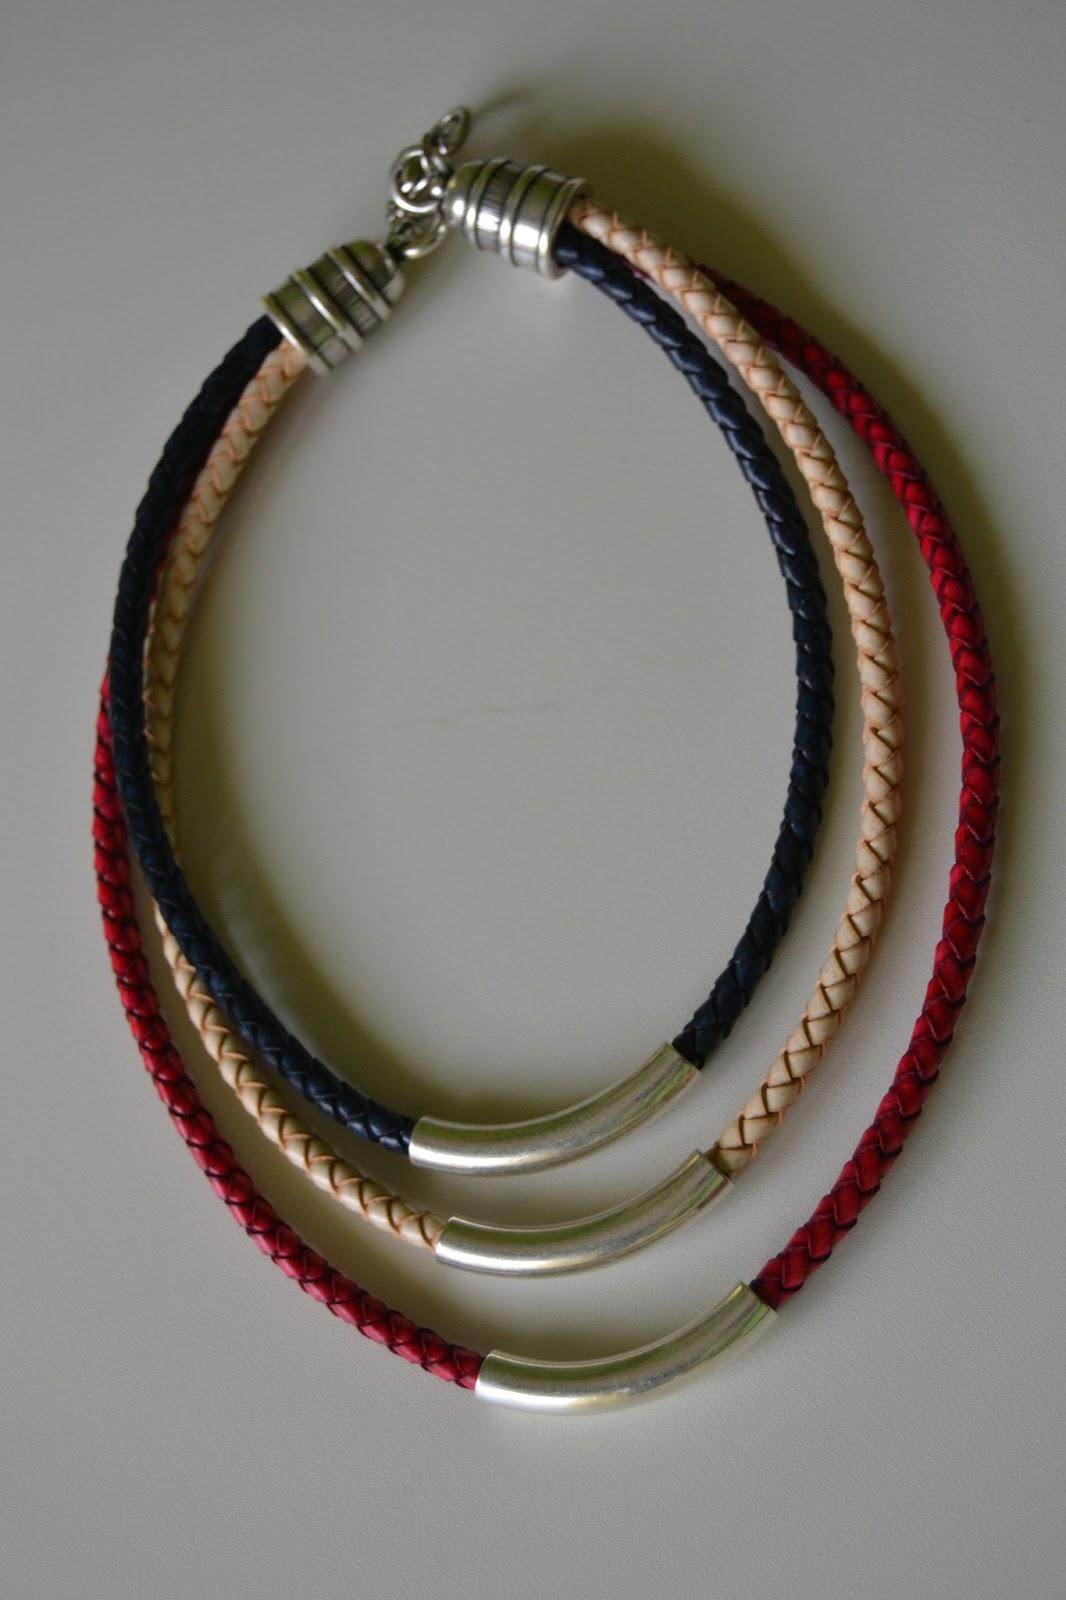 Elarca de noha collar cuero trenzado y tubos de zamak plateados - Collares de cuero ...